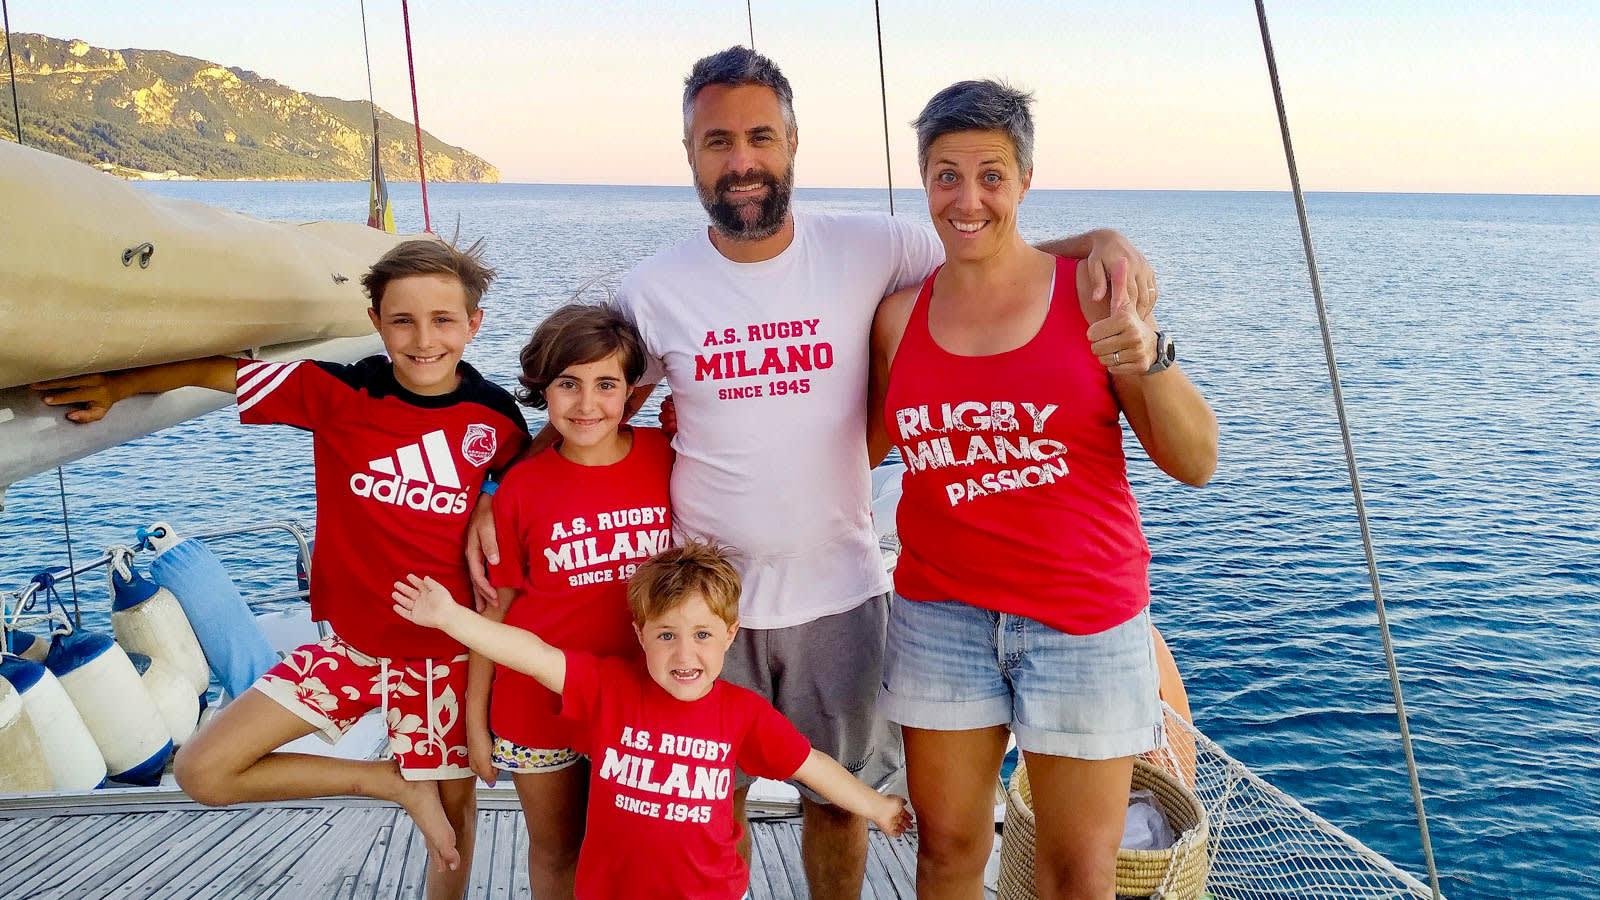 رغم إيقاف كورونا لمعظم المغامرات.. لا تزال هذه العائلة الإيطالية تستعد لرحلة بحرية ملحمية